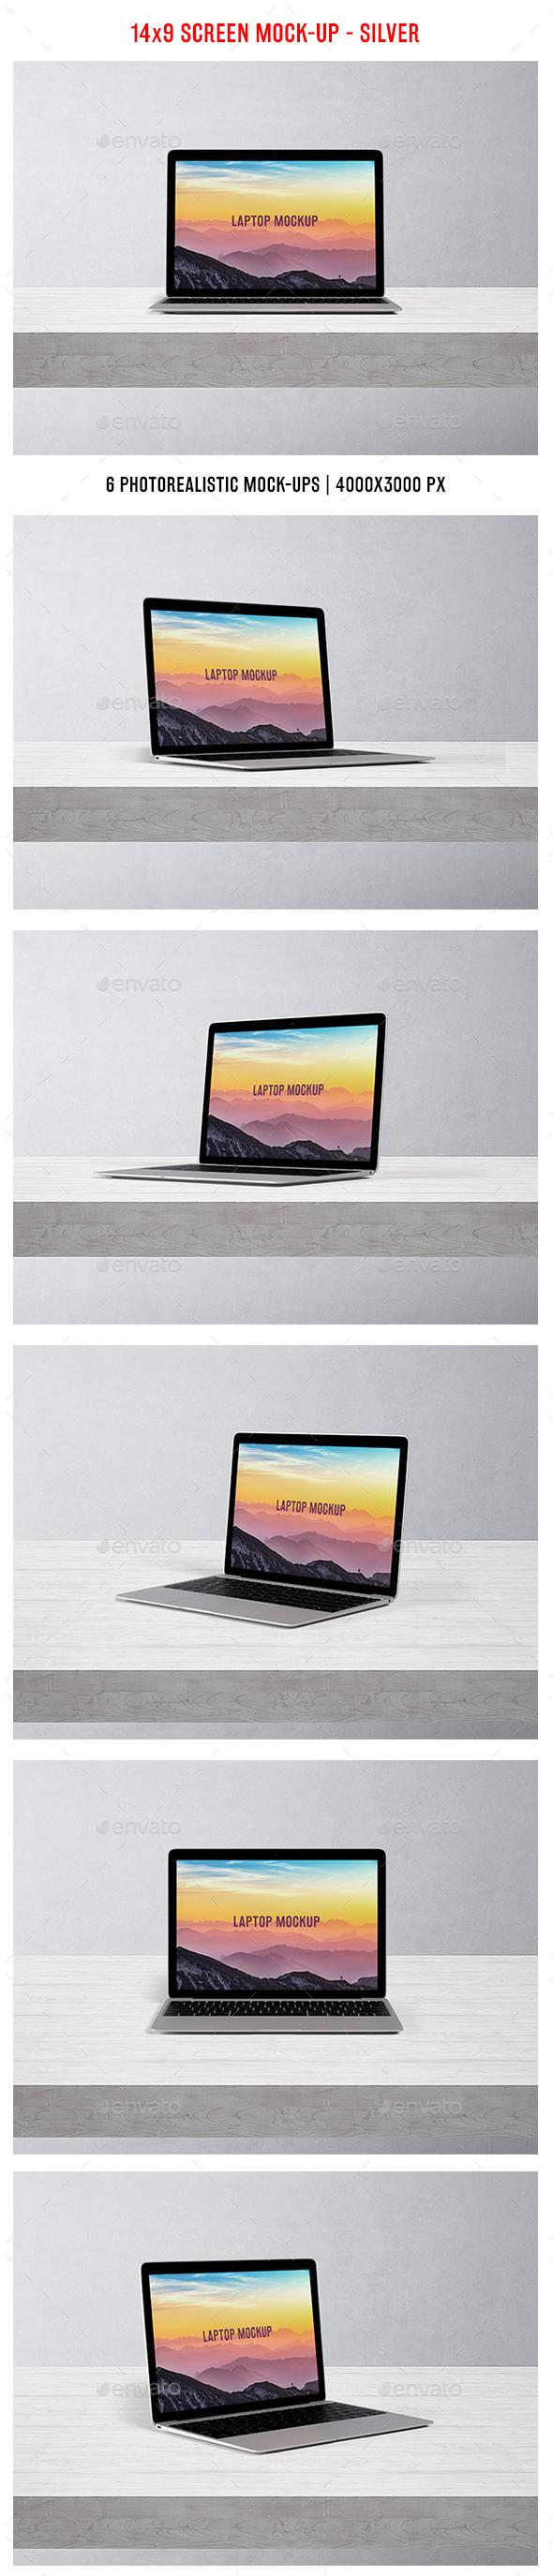 Laptop Mockup - Silver - Laptop Displays